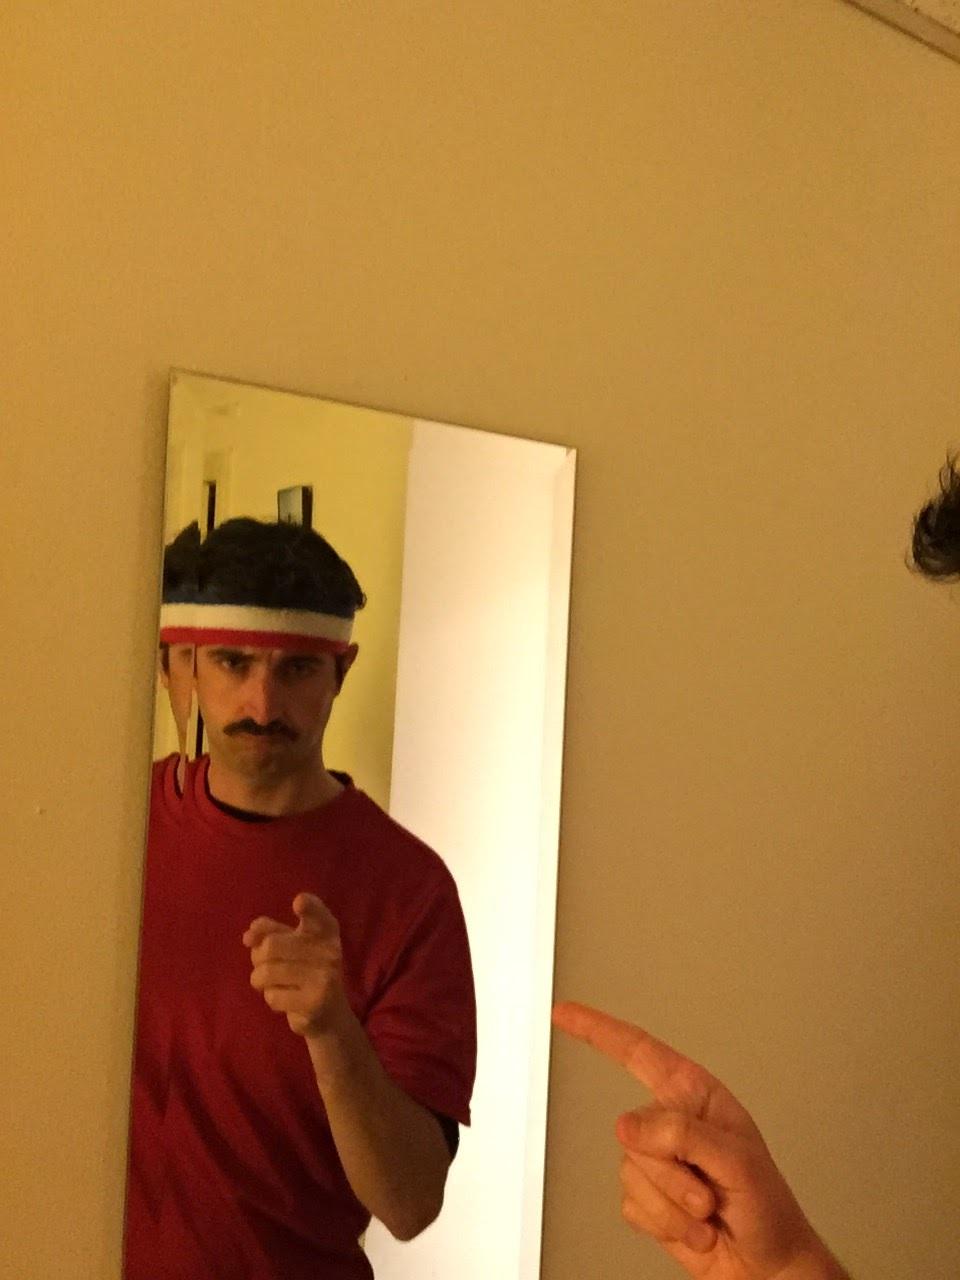 mirrorpoint